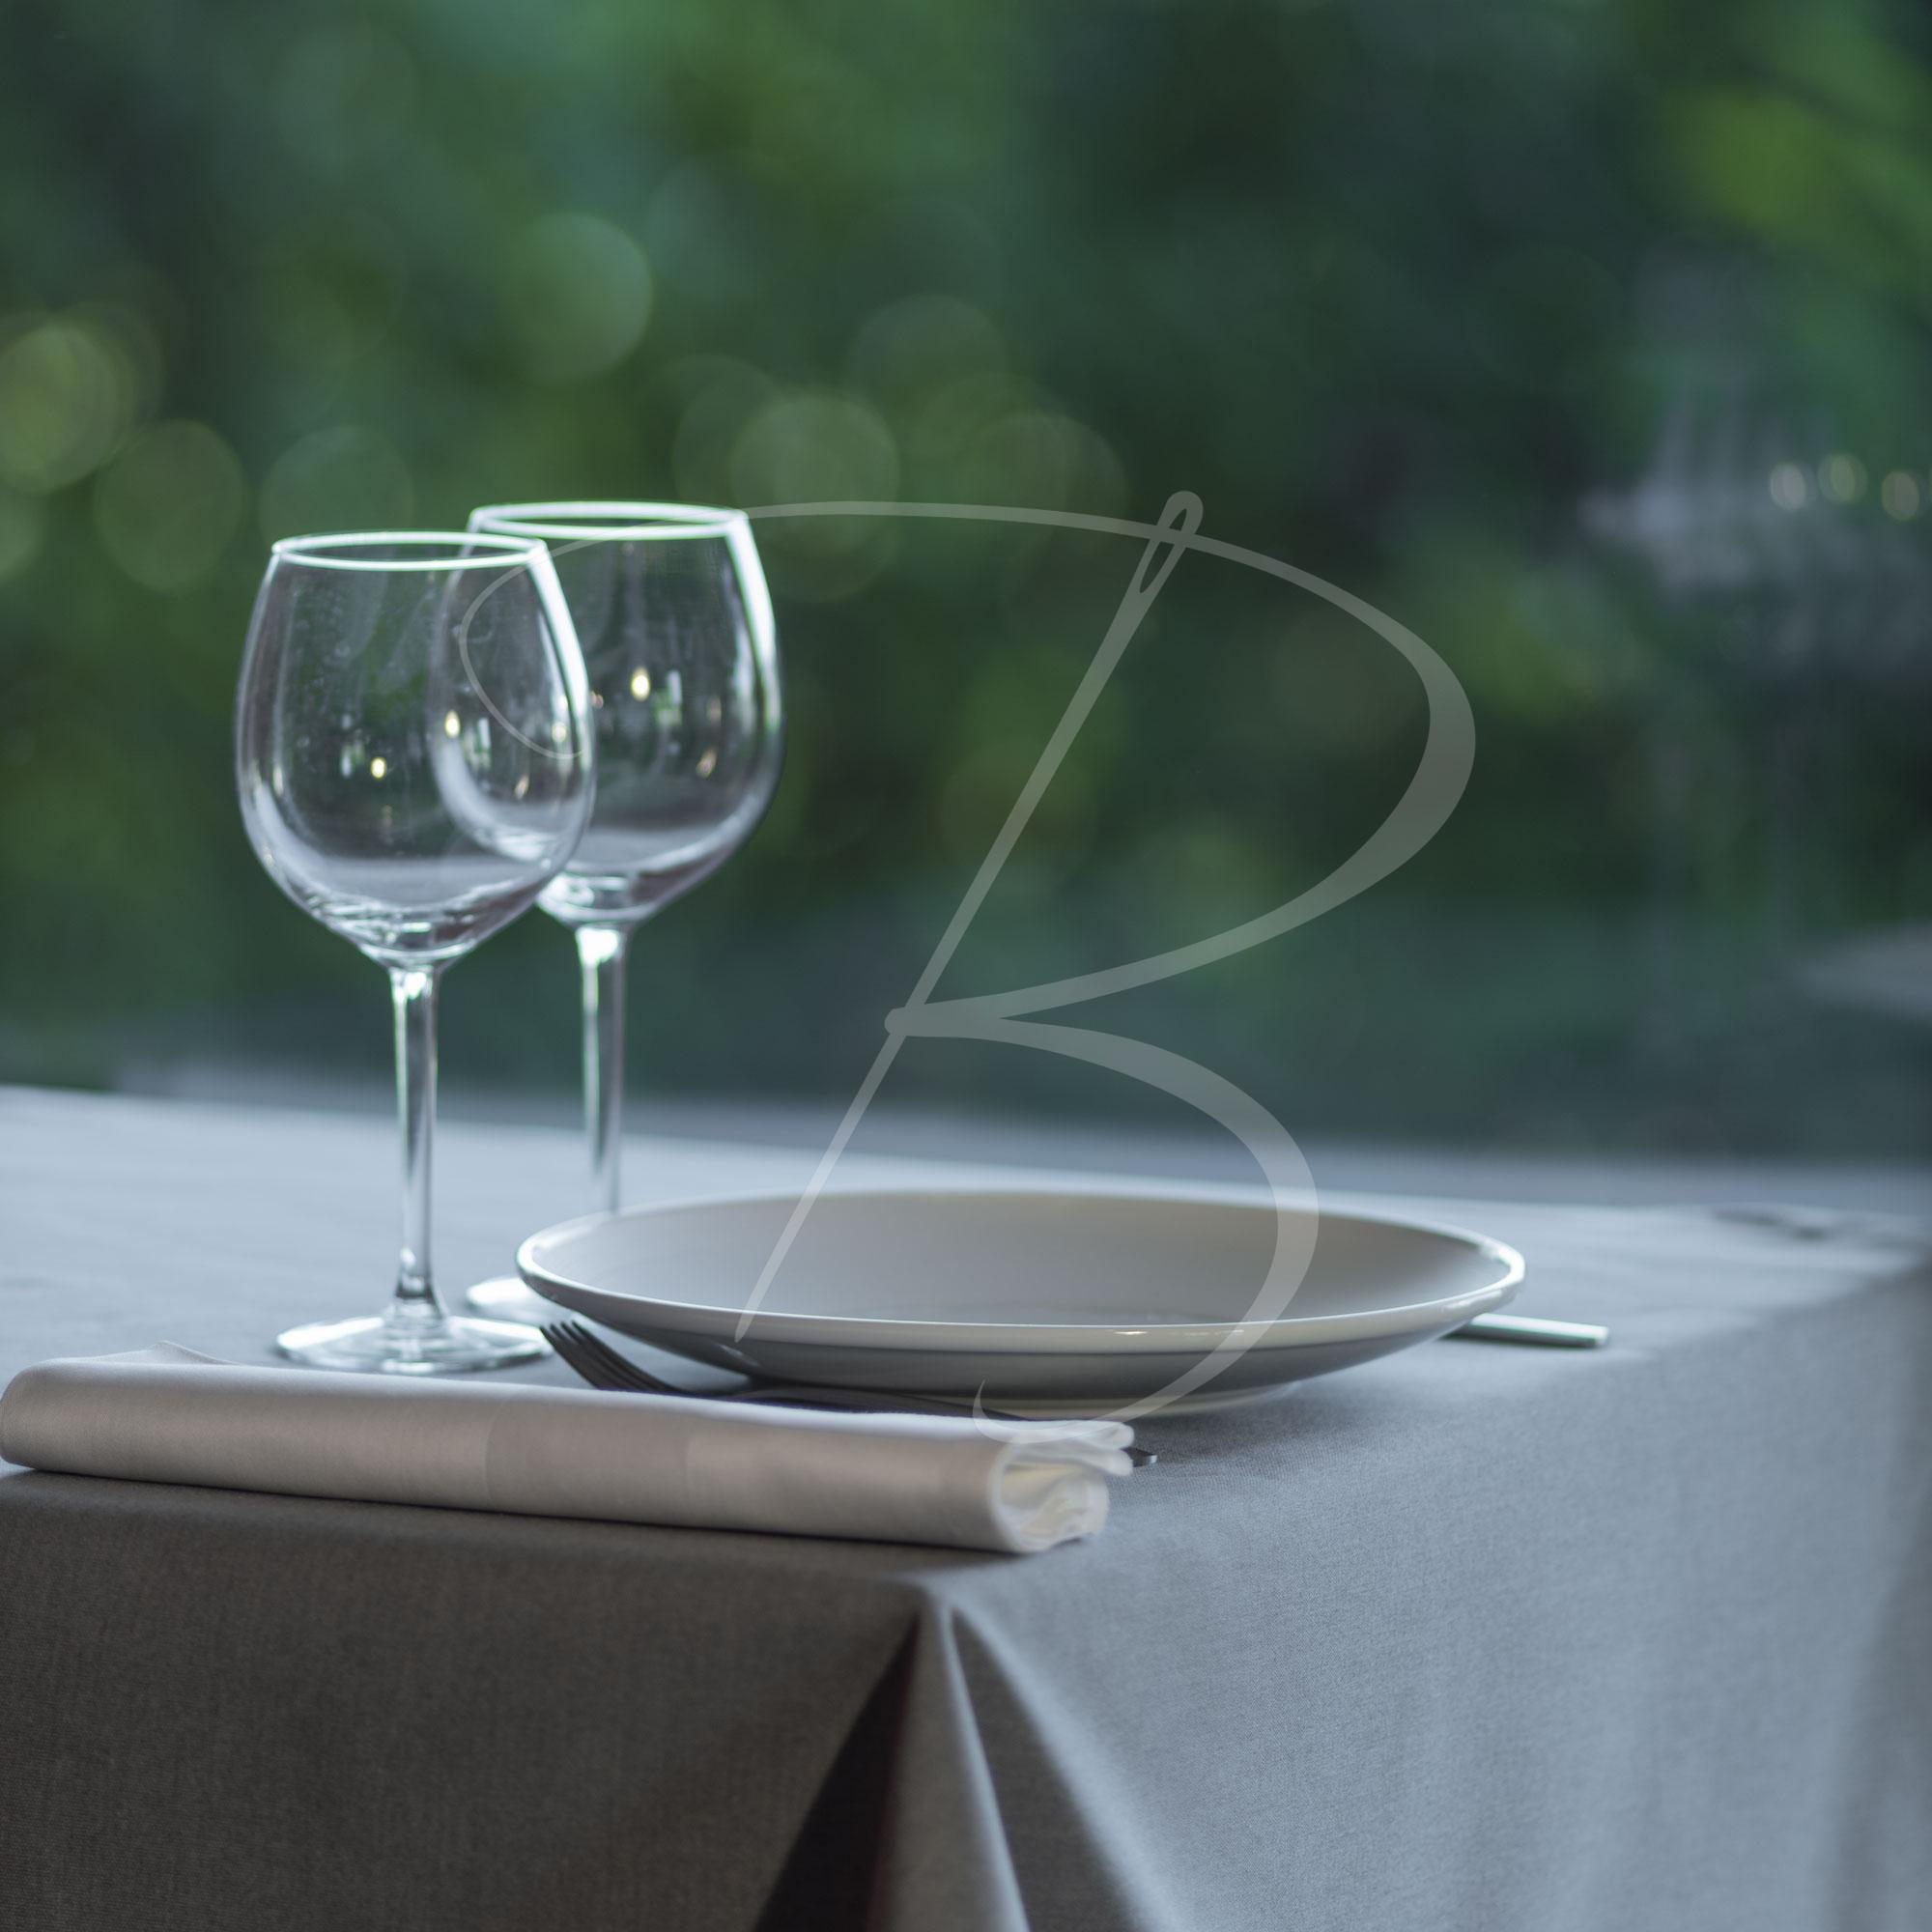 linge-table-allar-coton